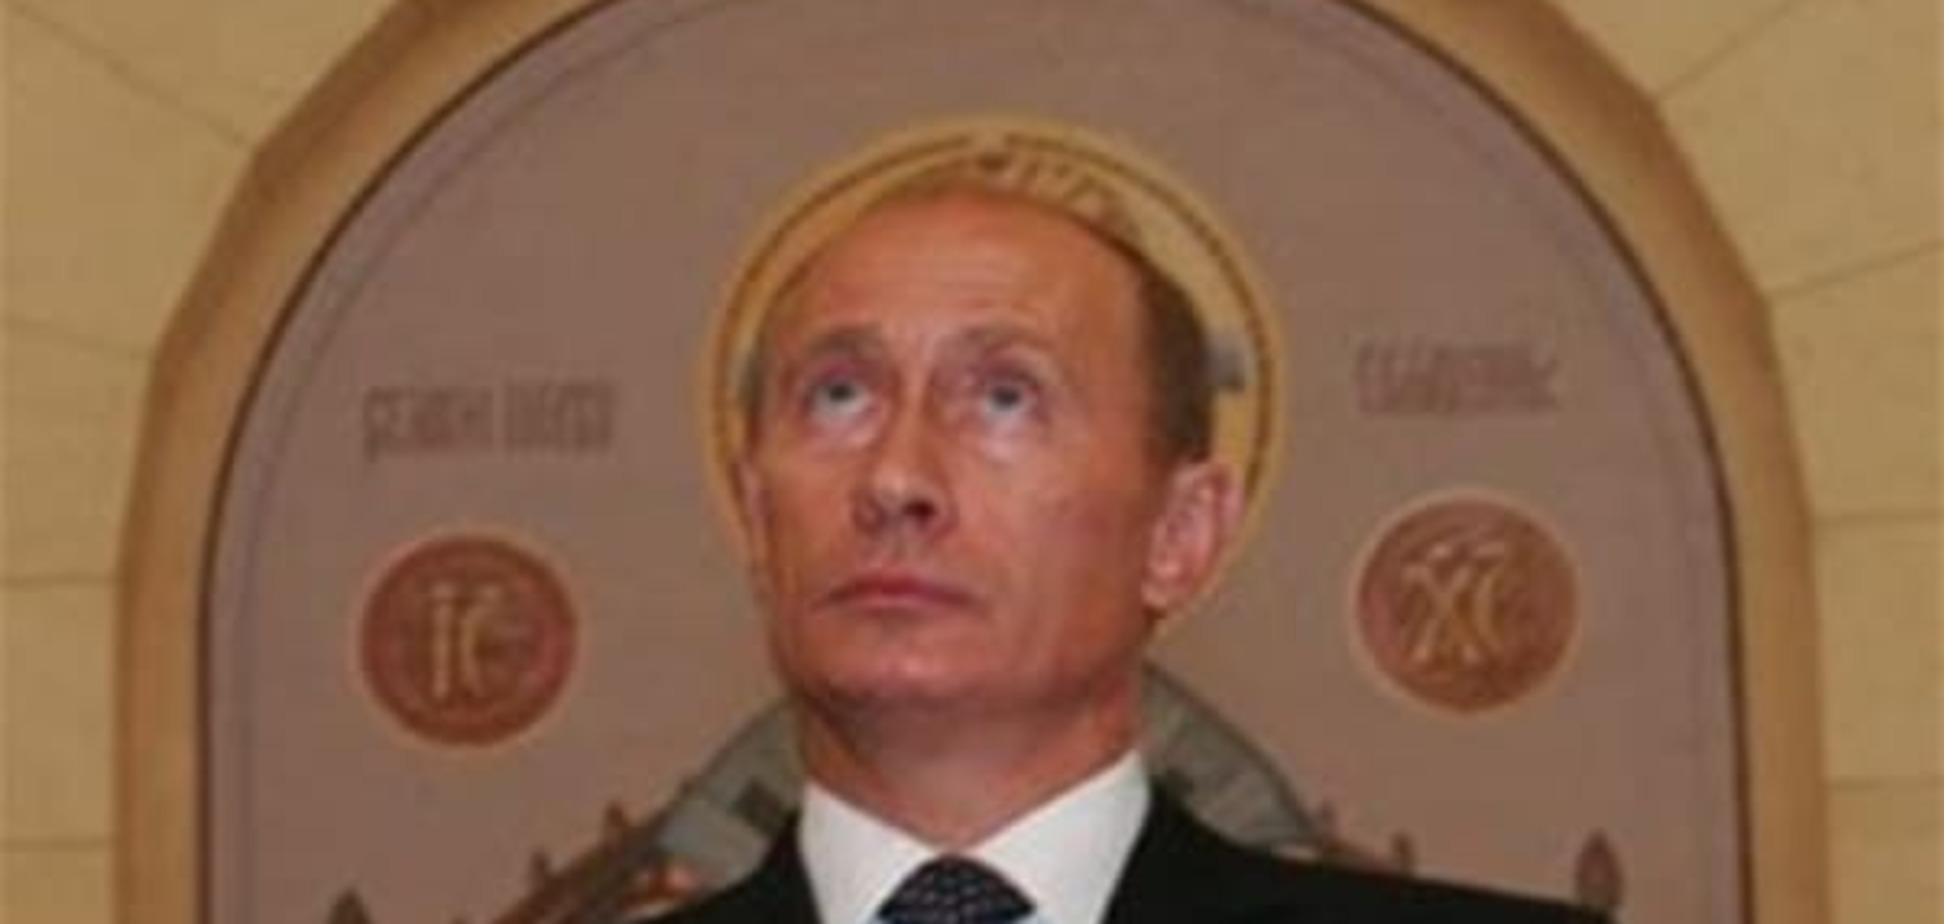 Канонізуй це: москвичі в шоці від ідеї молитися 'чудотворцеві' Путіну - відеофакт